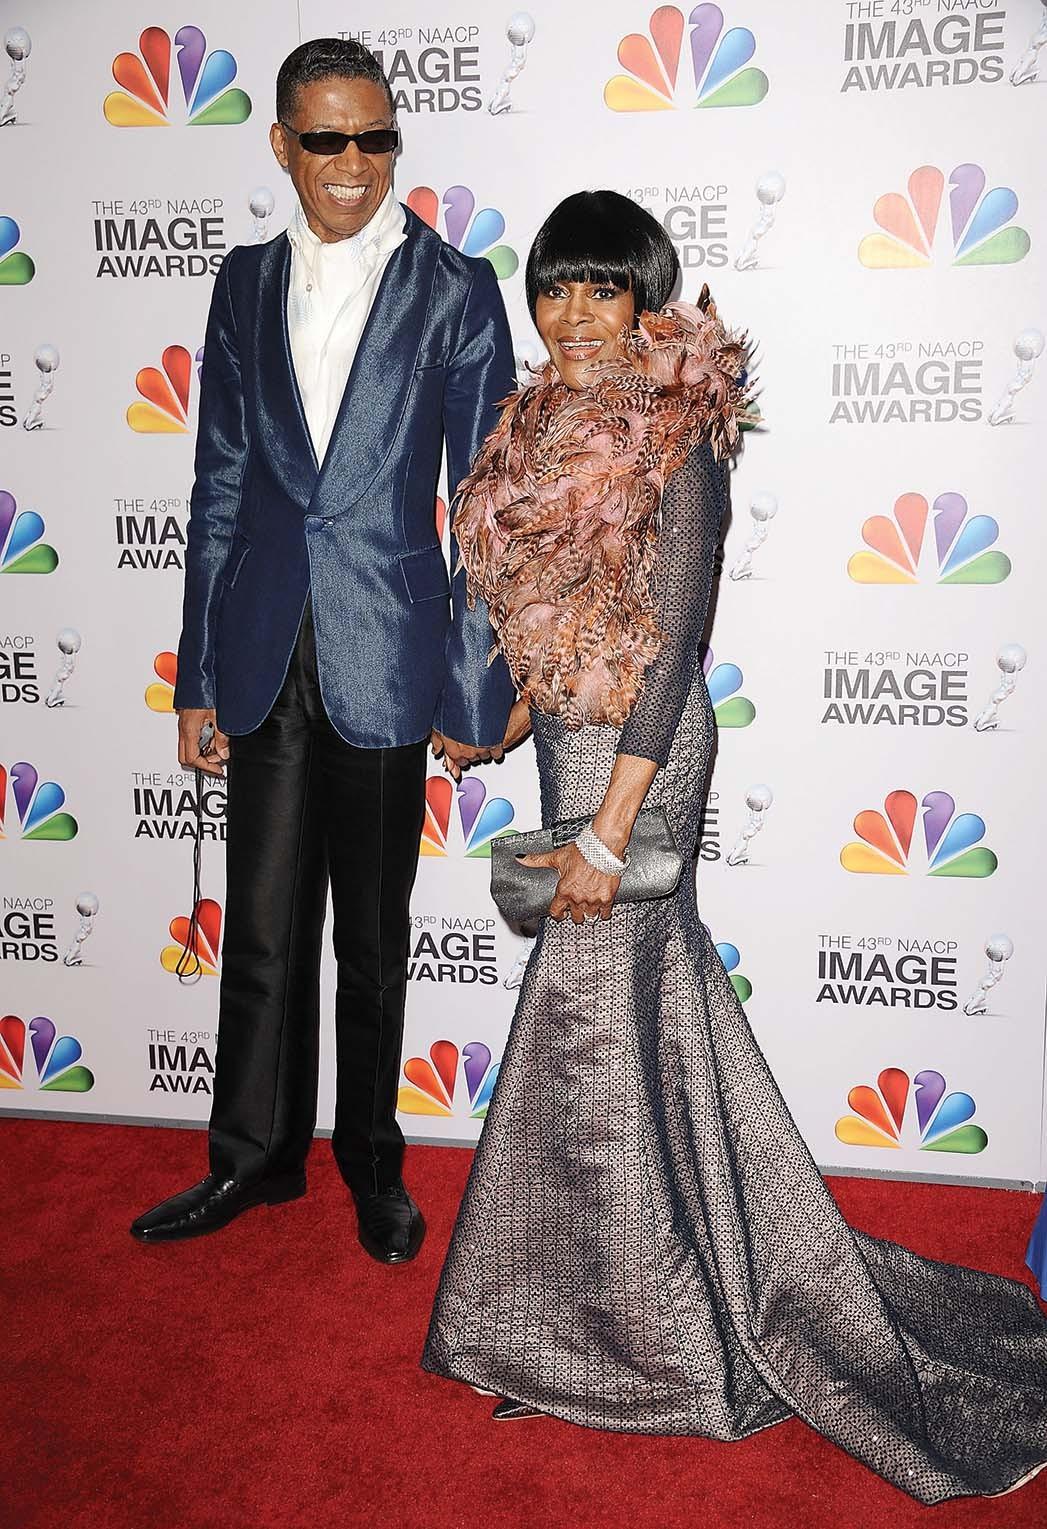 Die Schauspielerin mit dem Designer trägt bei den NAACP Image Awards 2012 sein trägerloses Meerjungfrauenkleid und seinen Bolero mit Federkragen.